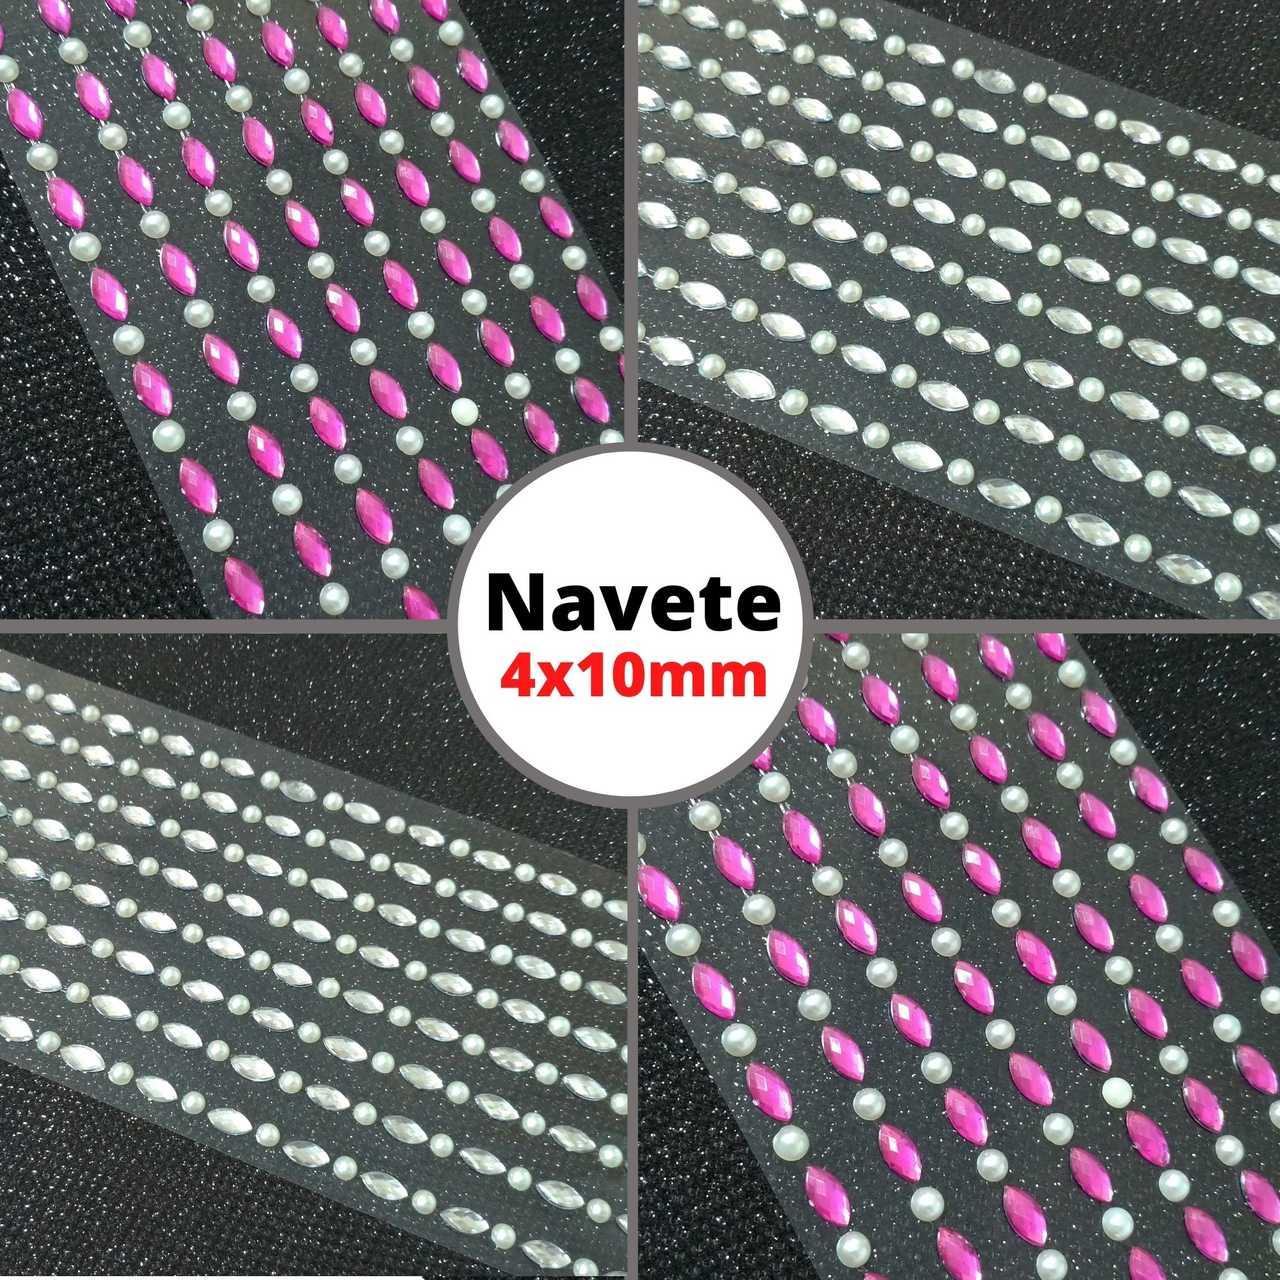 Cartela Adesiva Chaton Navete e Meia Pérola - 1 cartela